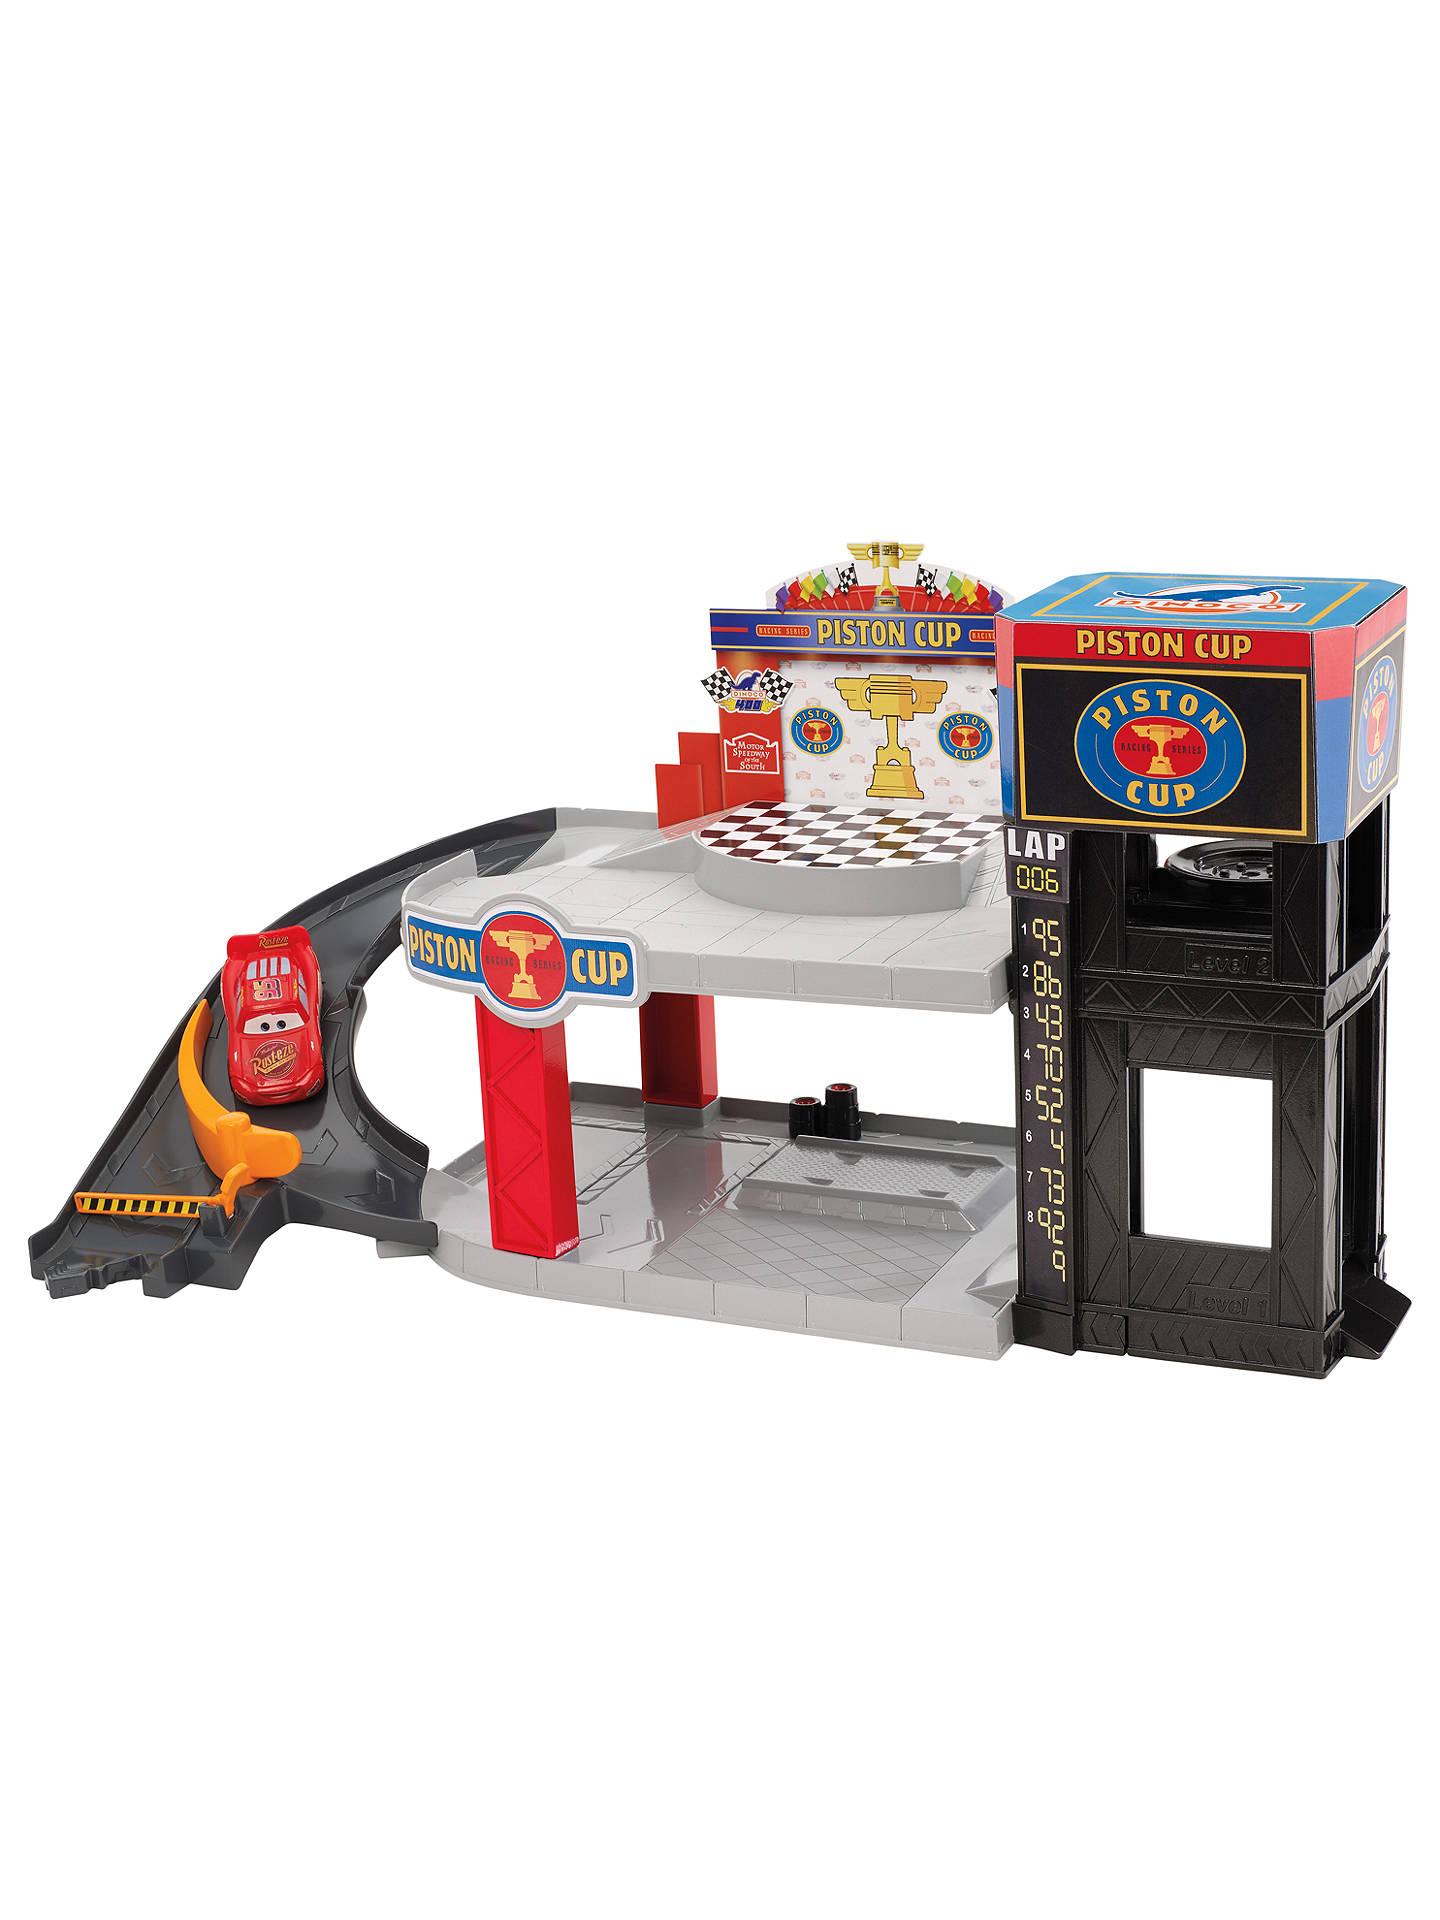 Disney Pixar Cars 3 Piston Cup Racing Garage Playset At